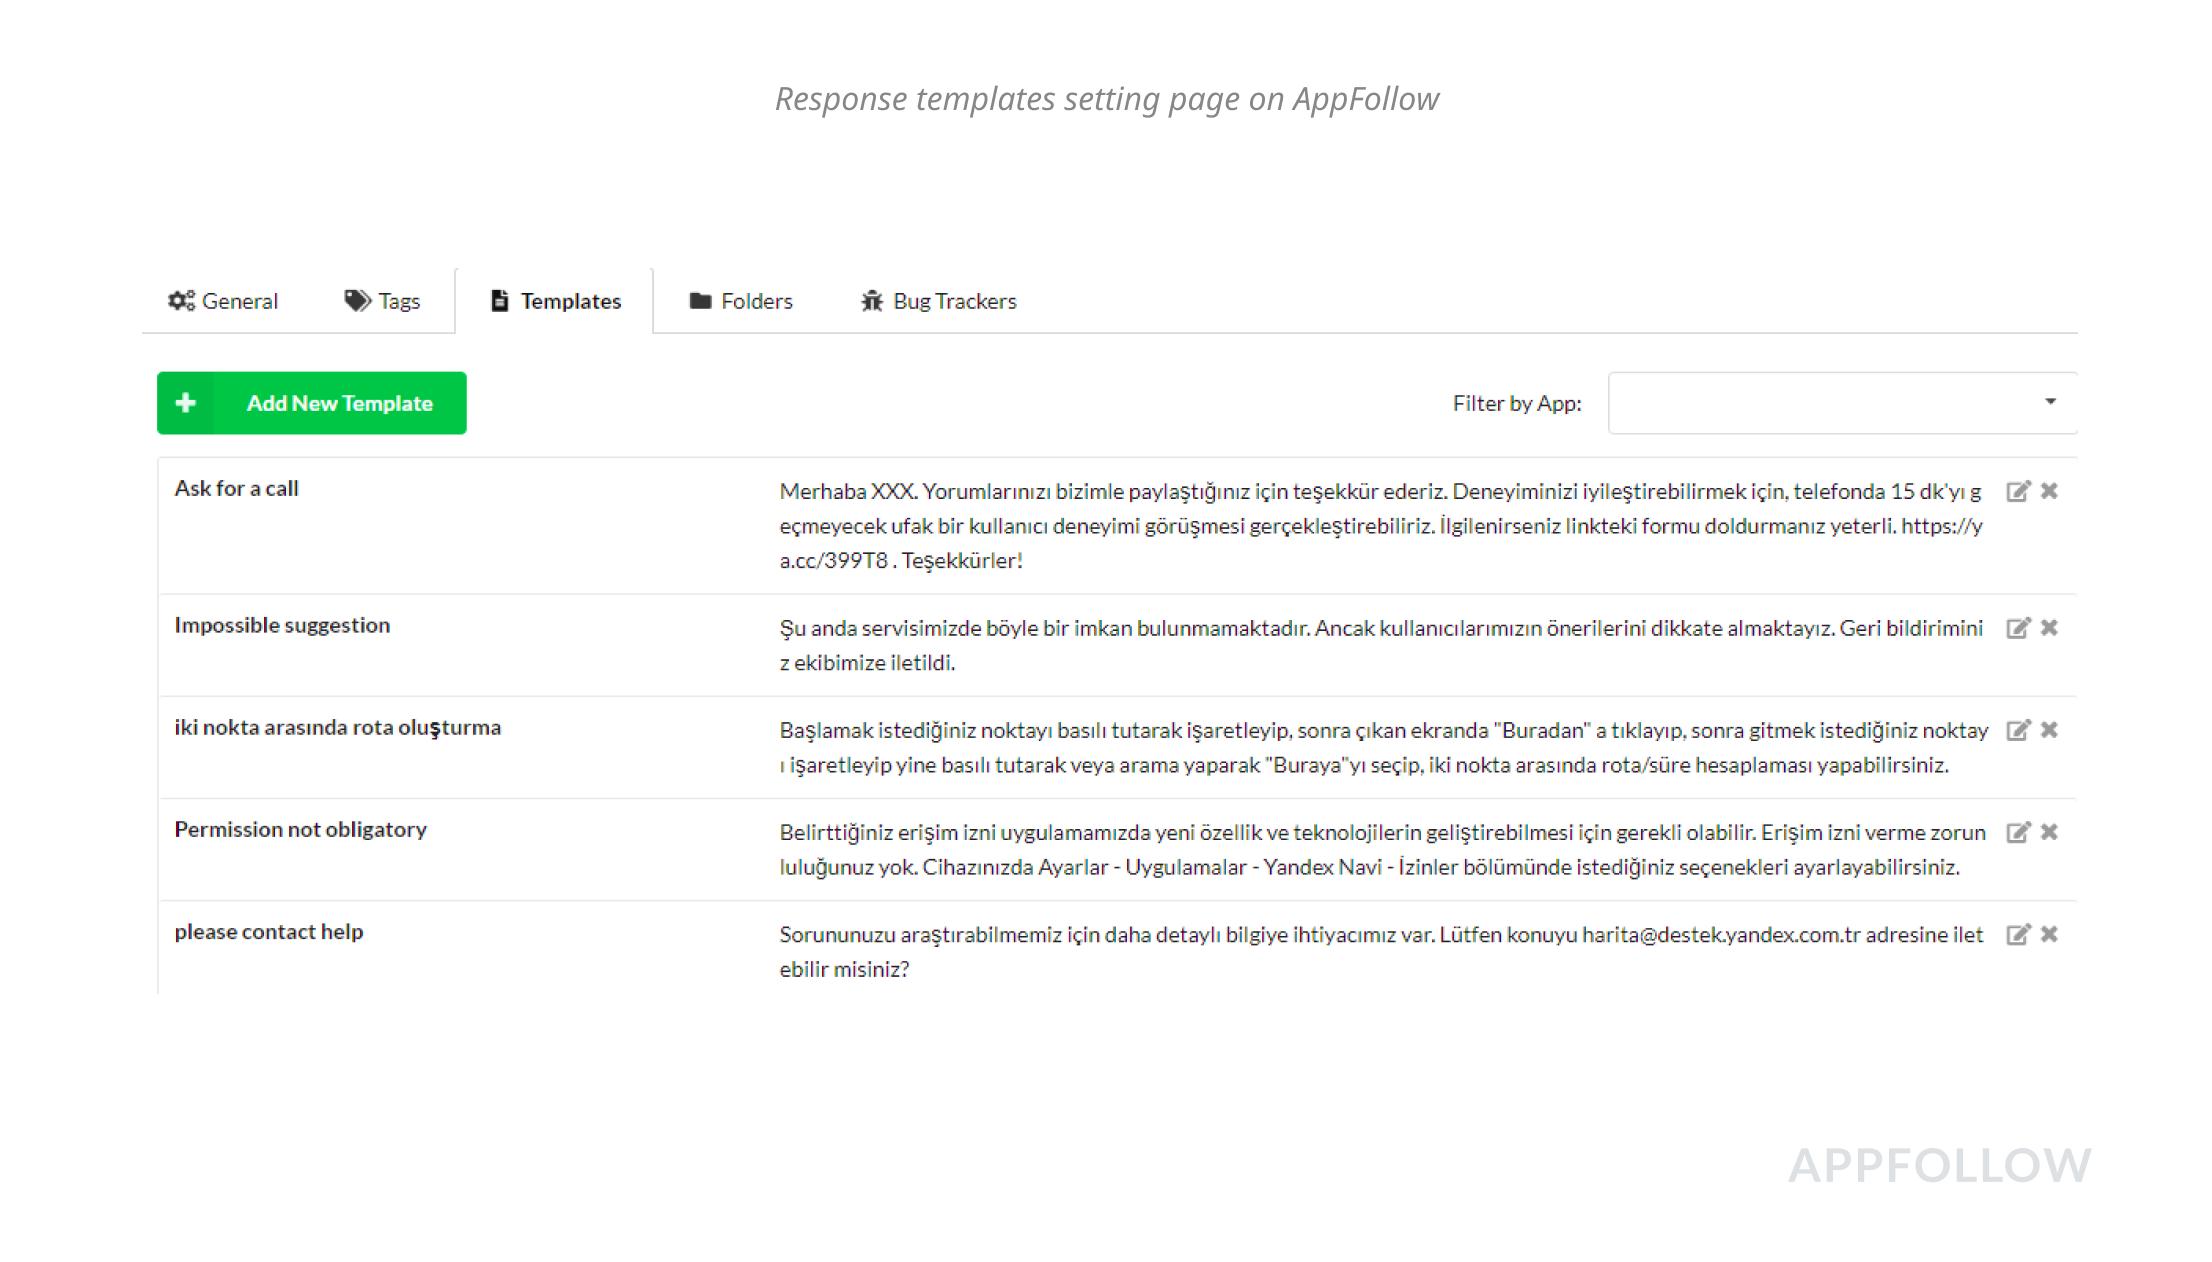 Uma avaliação do usuário no console AppFollow